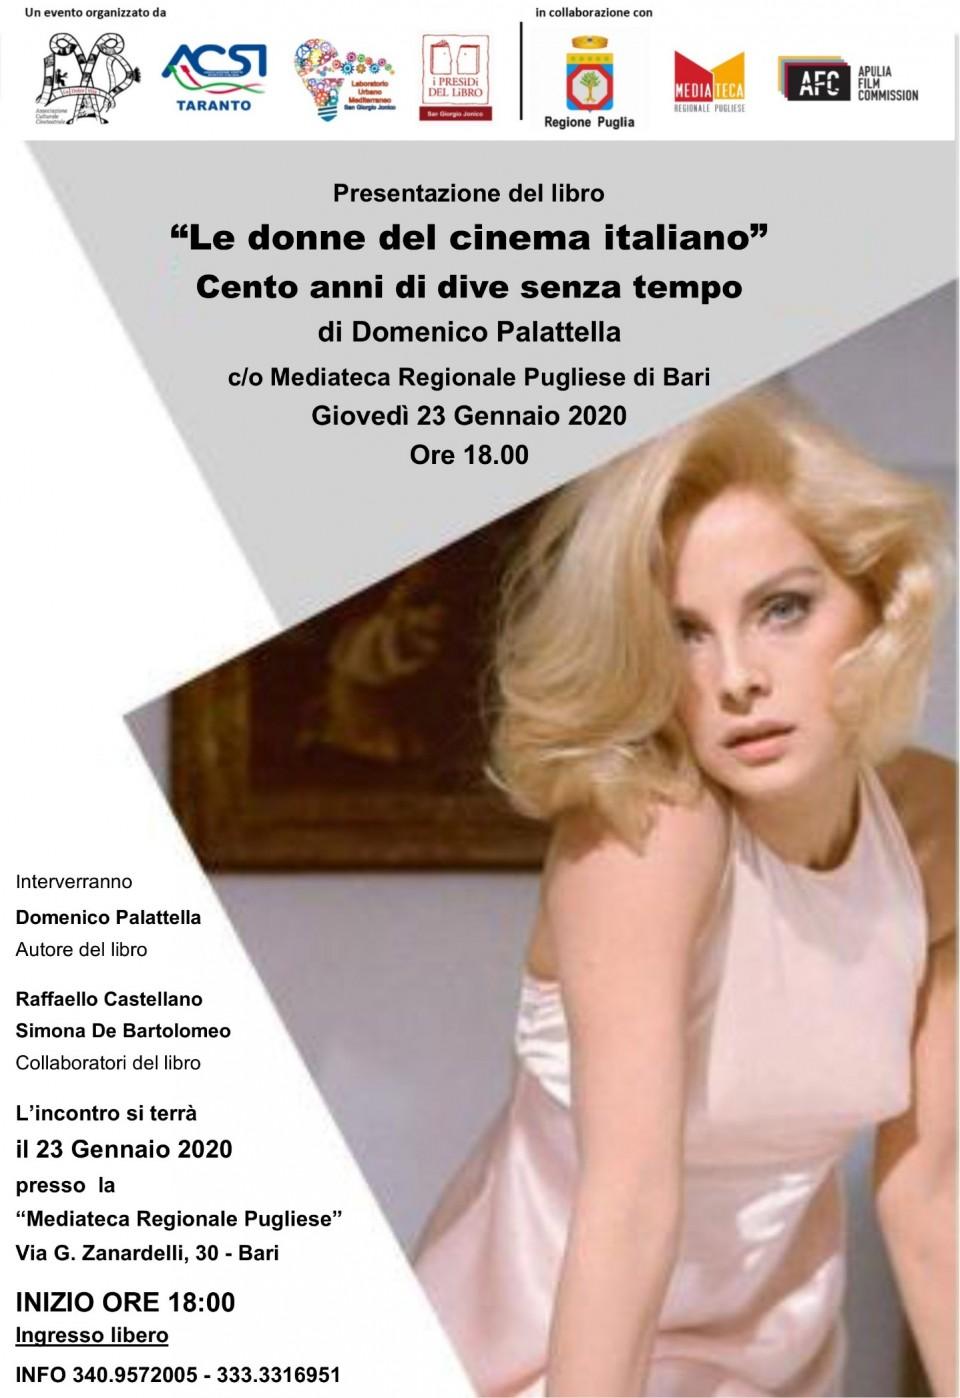 LOCANDINA -  Le donne del cinema italiano - MEDIATECA REGIONALE PUGLIESE